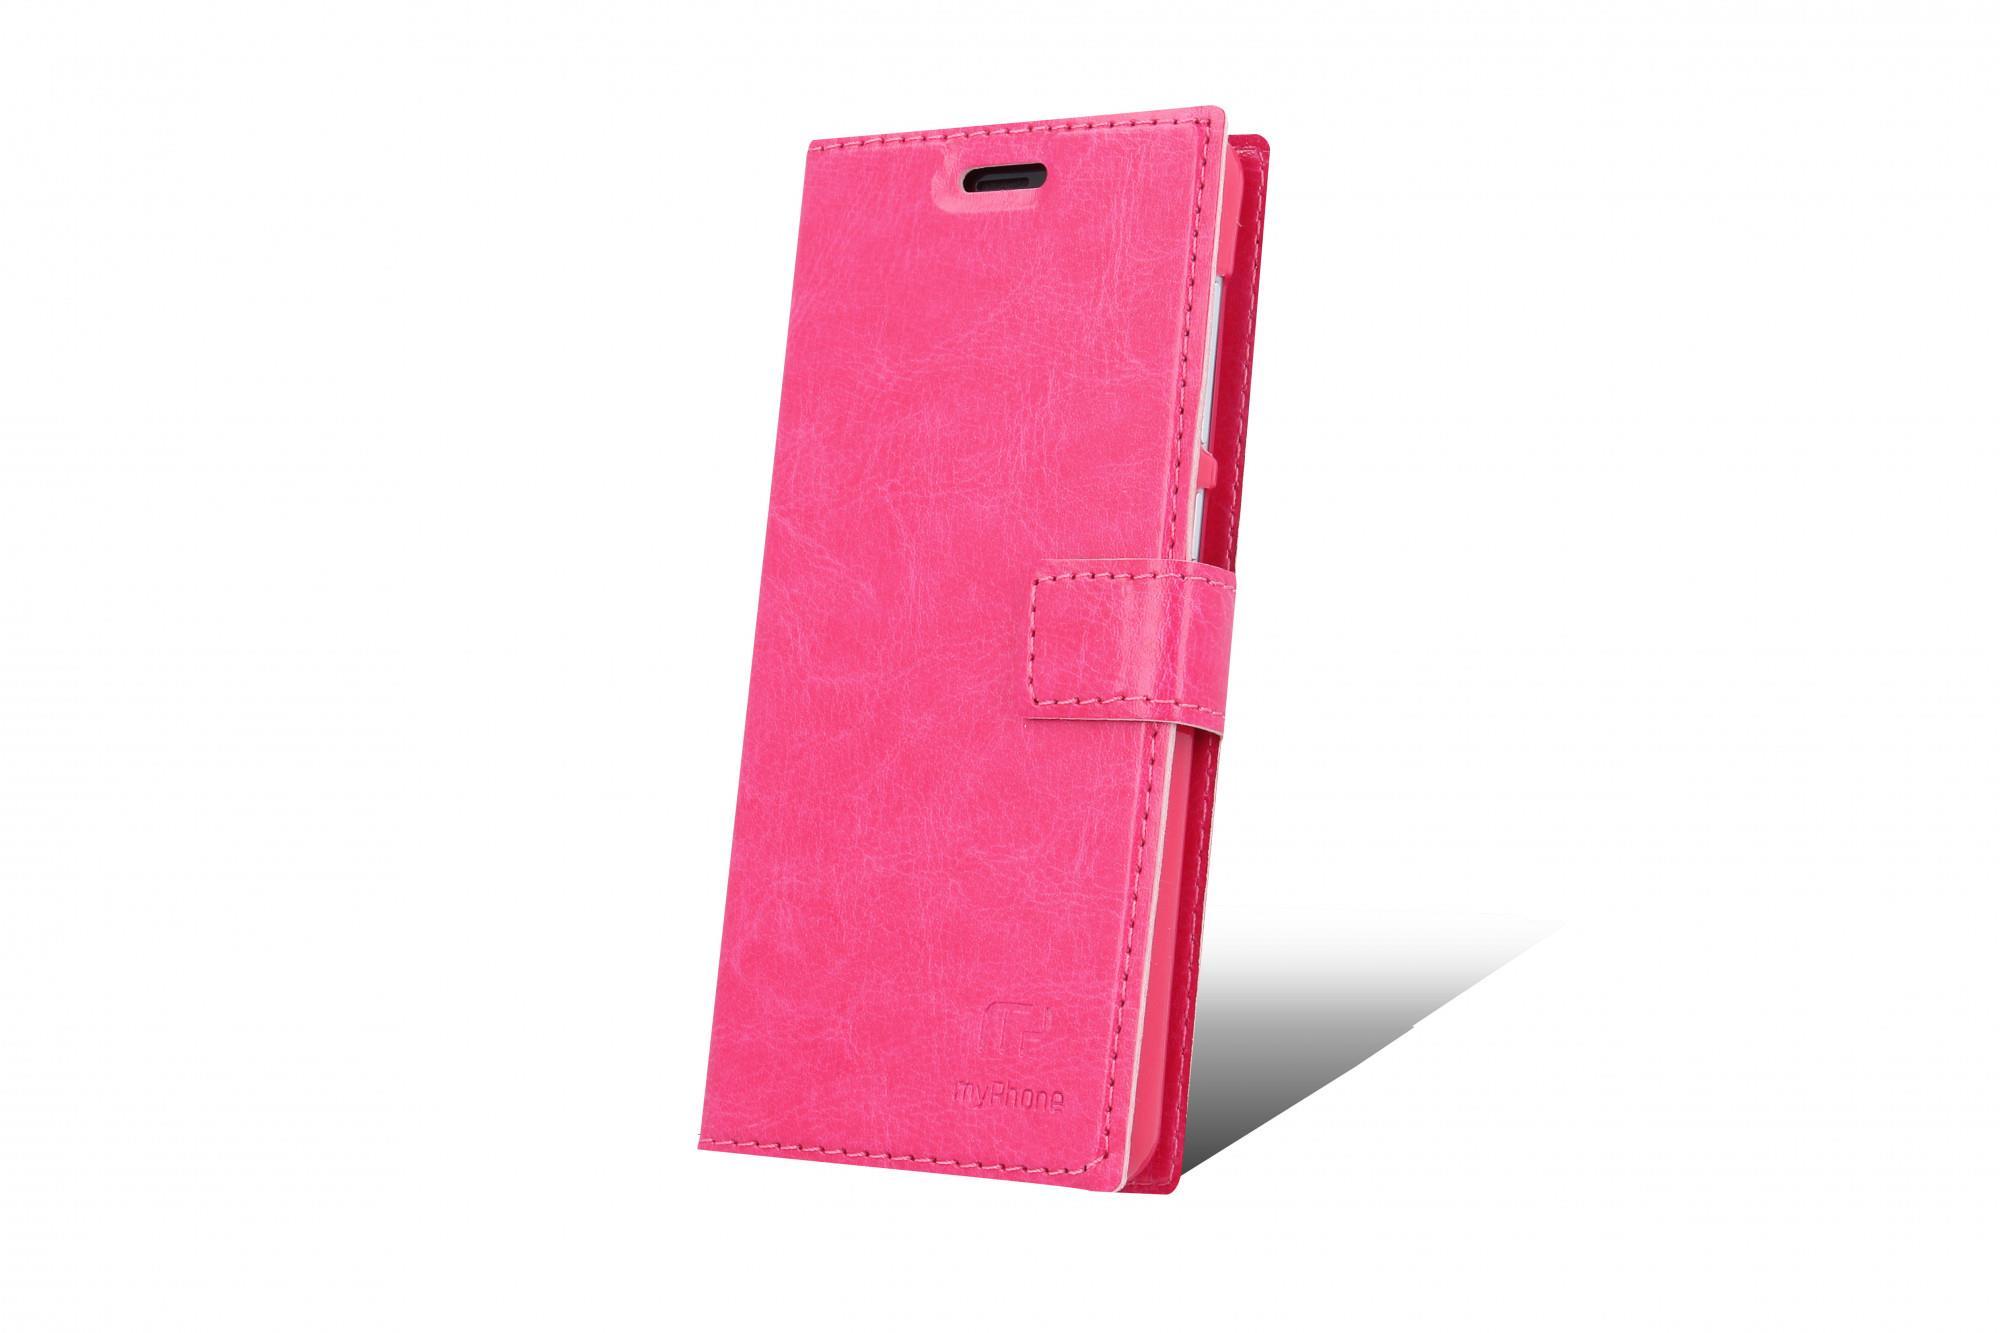 Flipové pouzdro pro myPhone Pocket 18x9 růžová